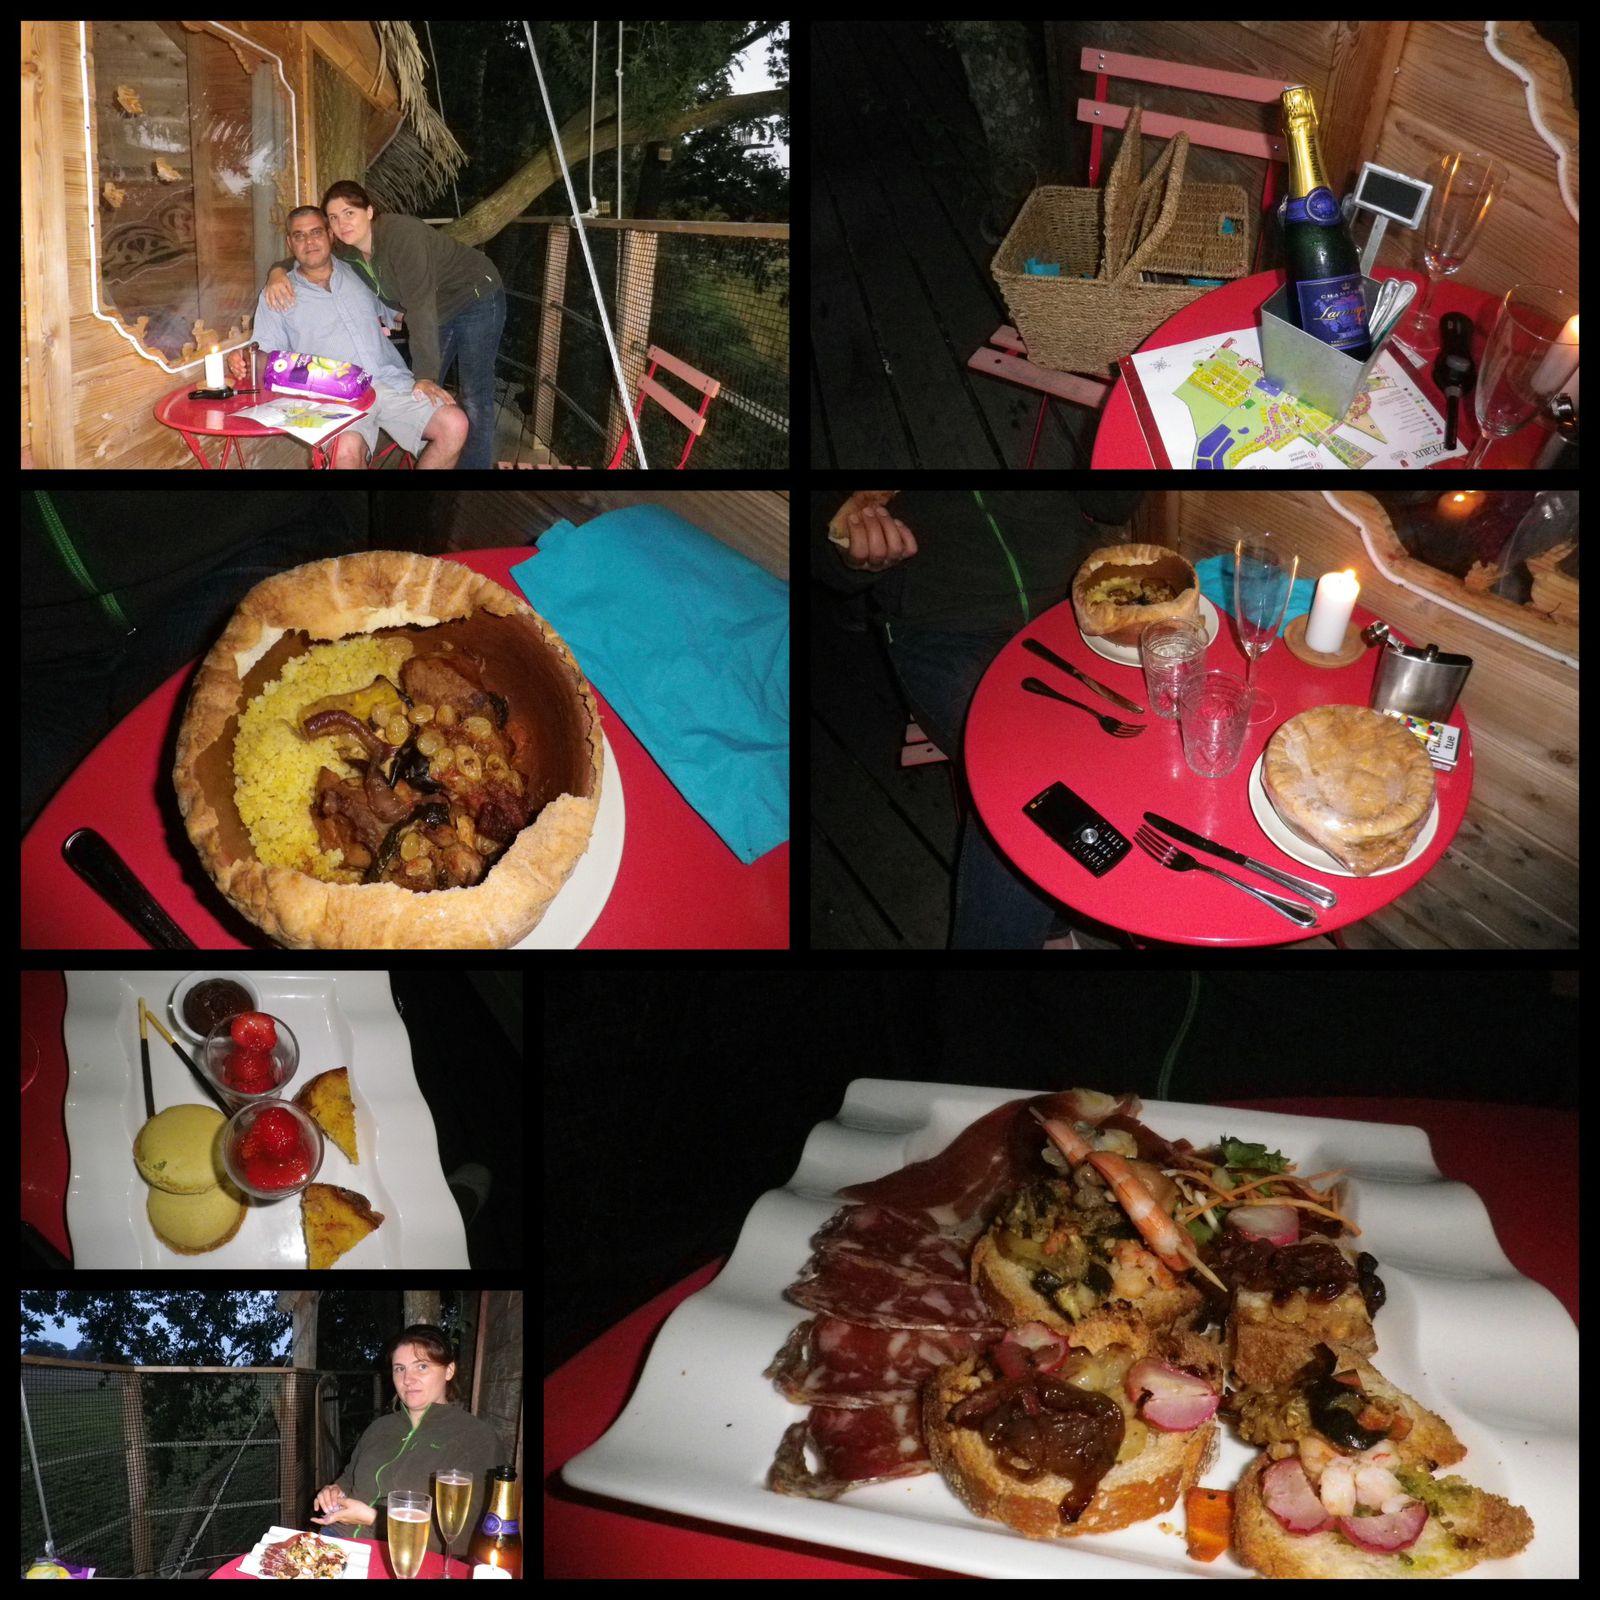 Le repas était très copieux, et délicieux, au menu : Champagne, Tapas, tajines restées chaudes alors qu'on ne les a pas mangées de suite, et en dessert de très bonnes miniardises ! On s'est régalés !!!!